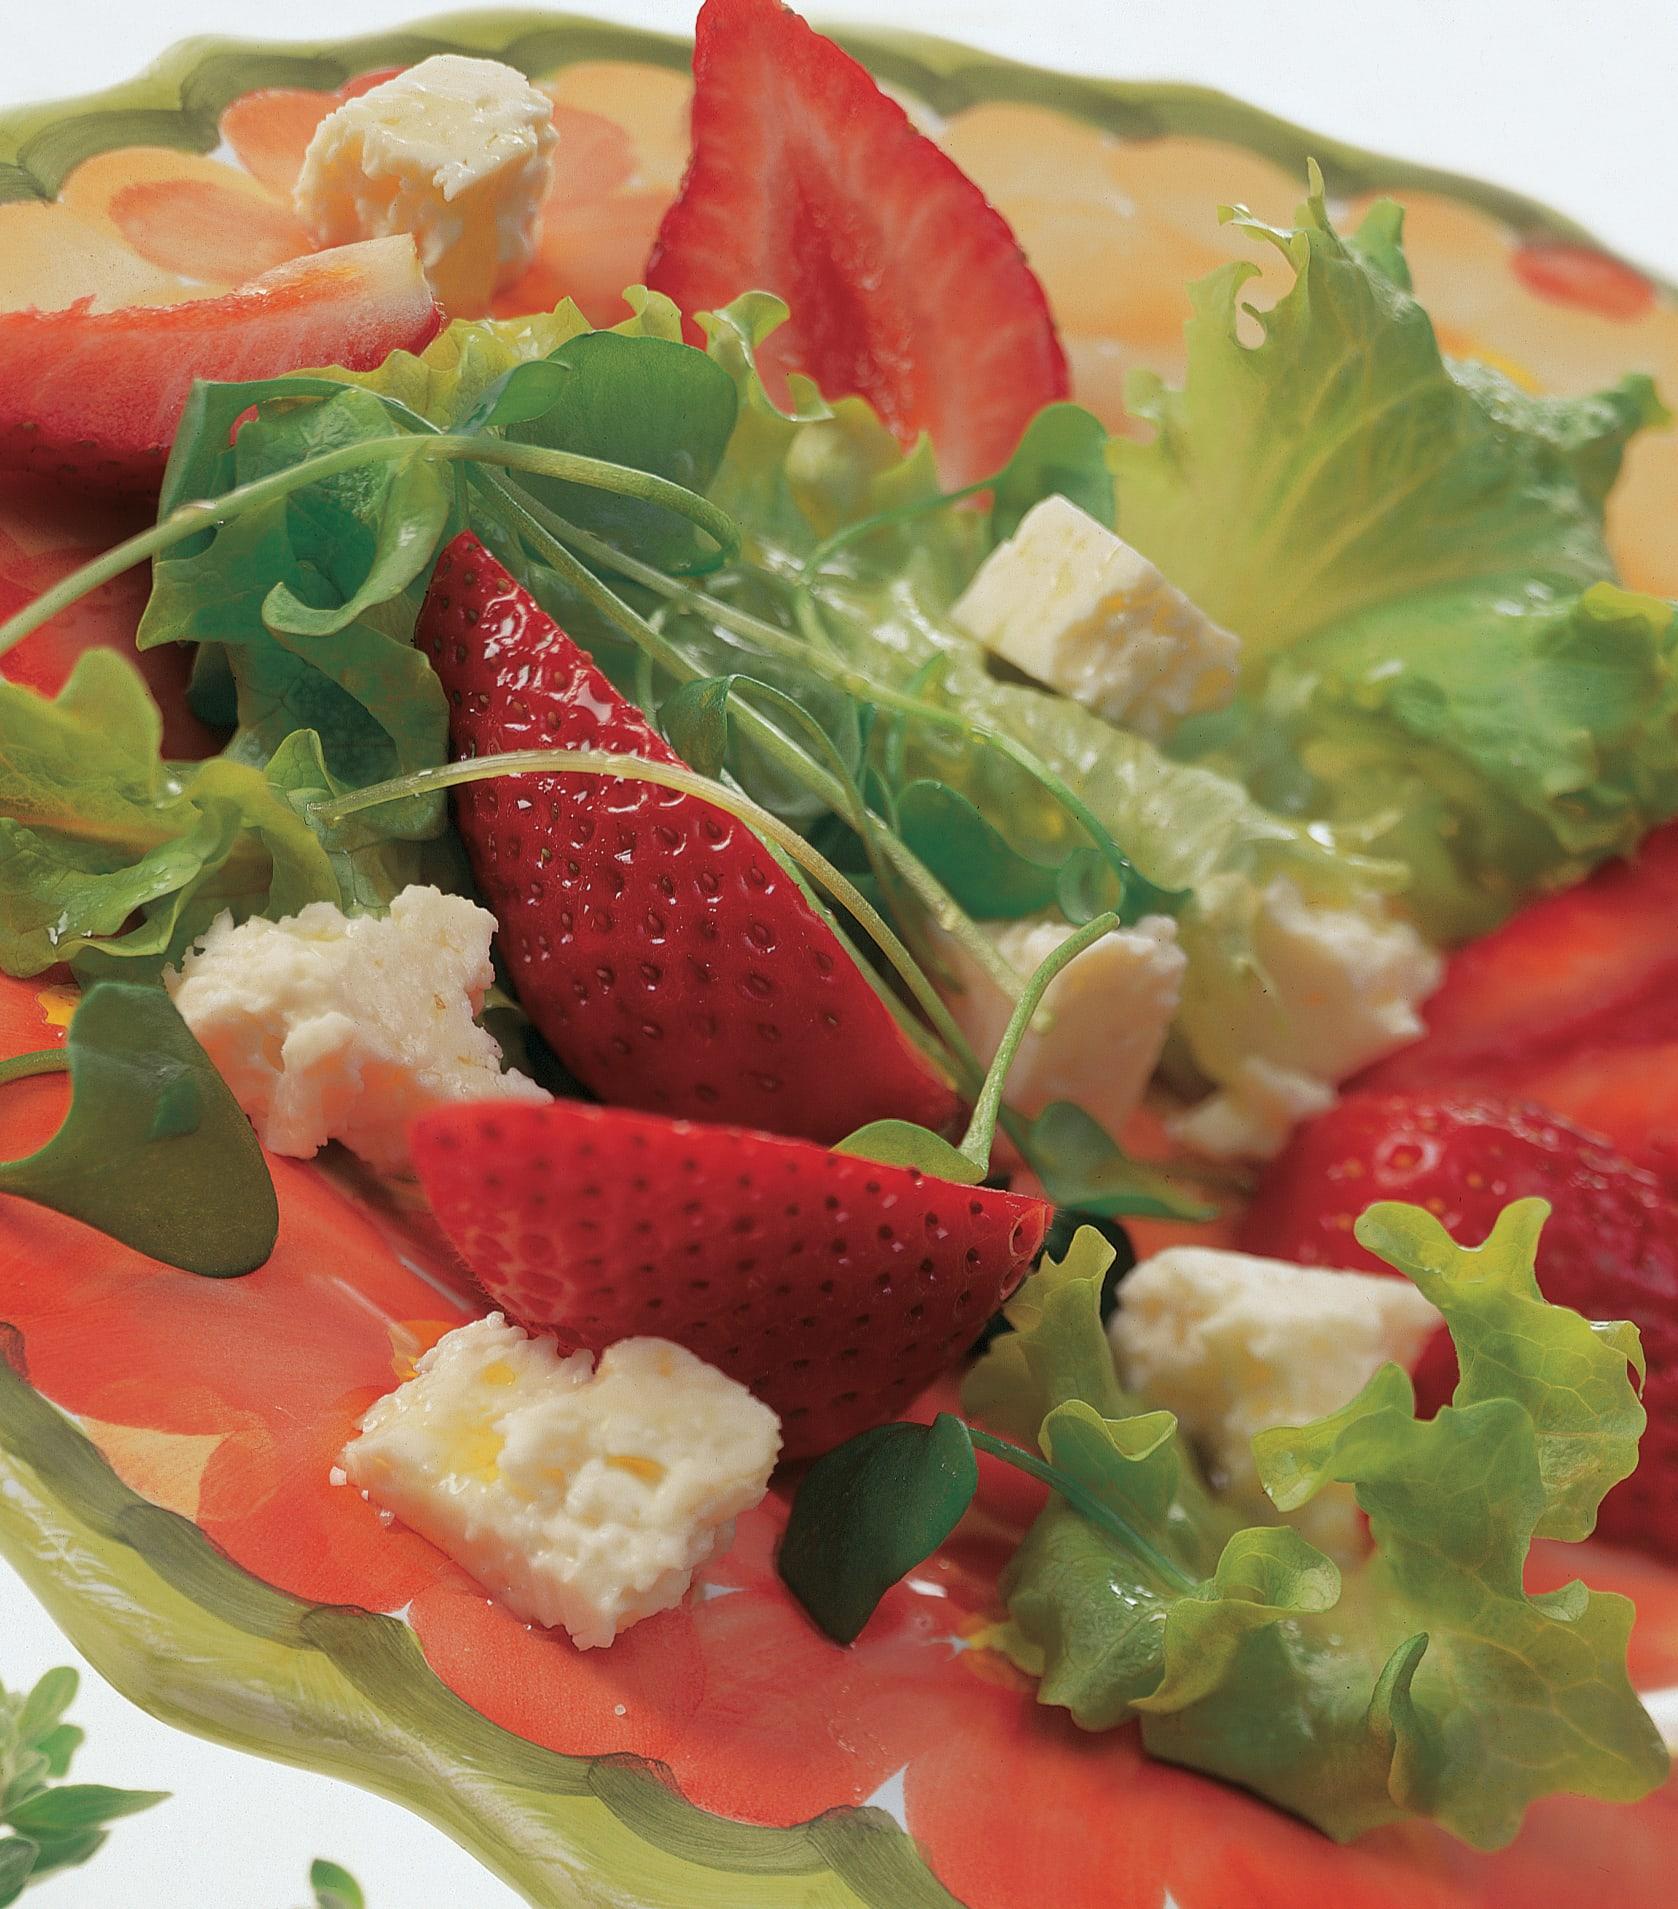 Salade à tondre aux fraises et au fromage frais